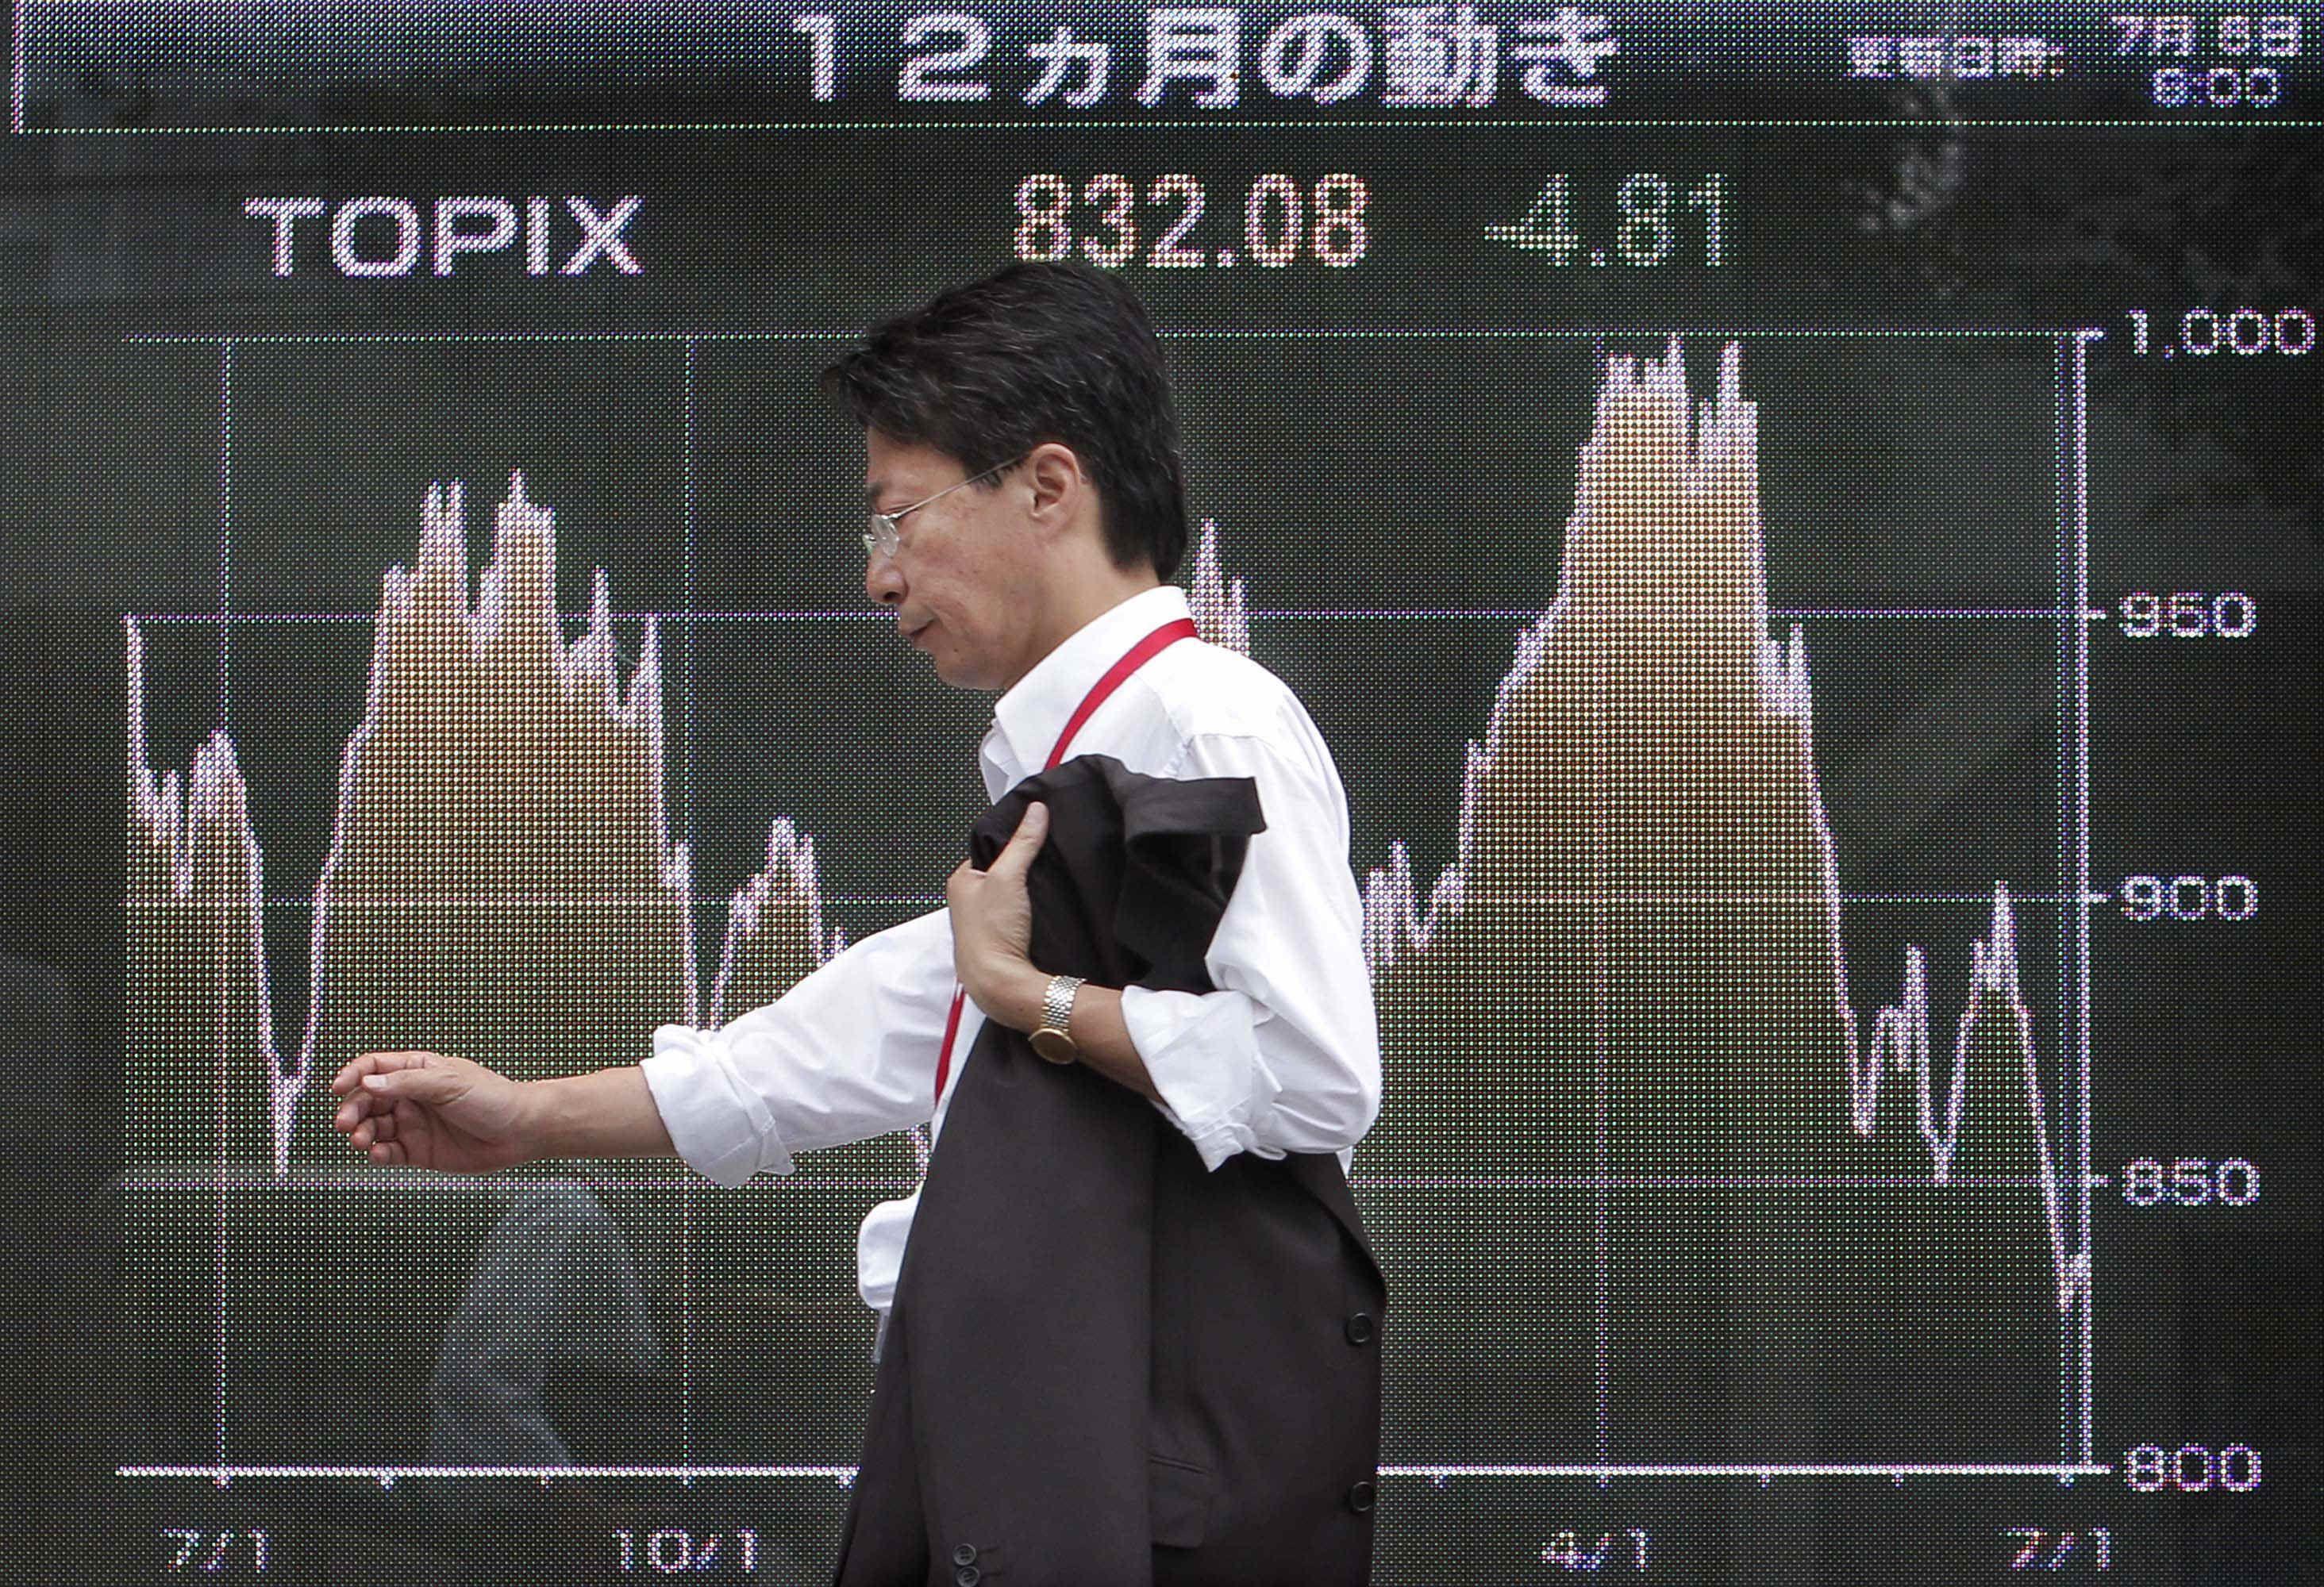 La floja demanda global y la guerra comercial entre China y Estados Unidos golpearon las exportaciones, alimentando los temores de una recesión japonesa, (AP)